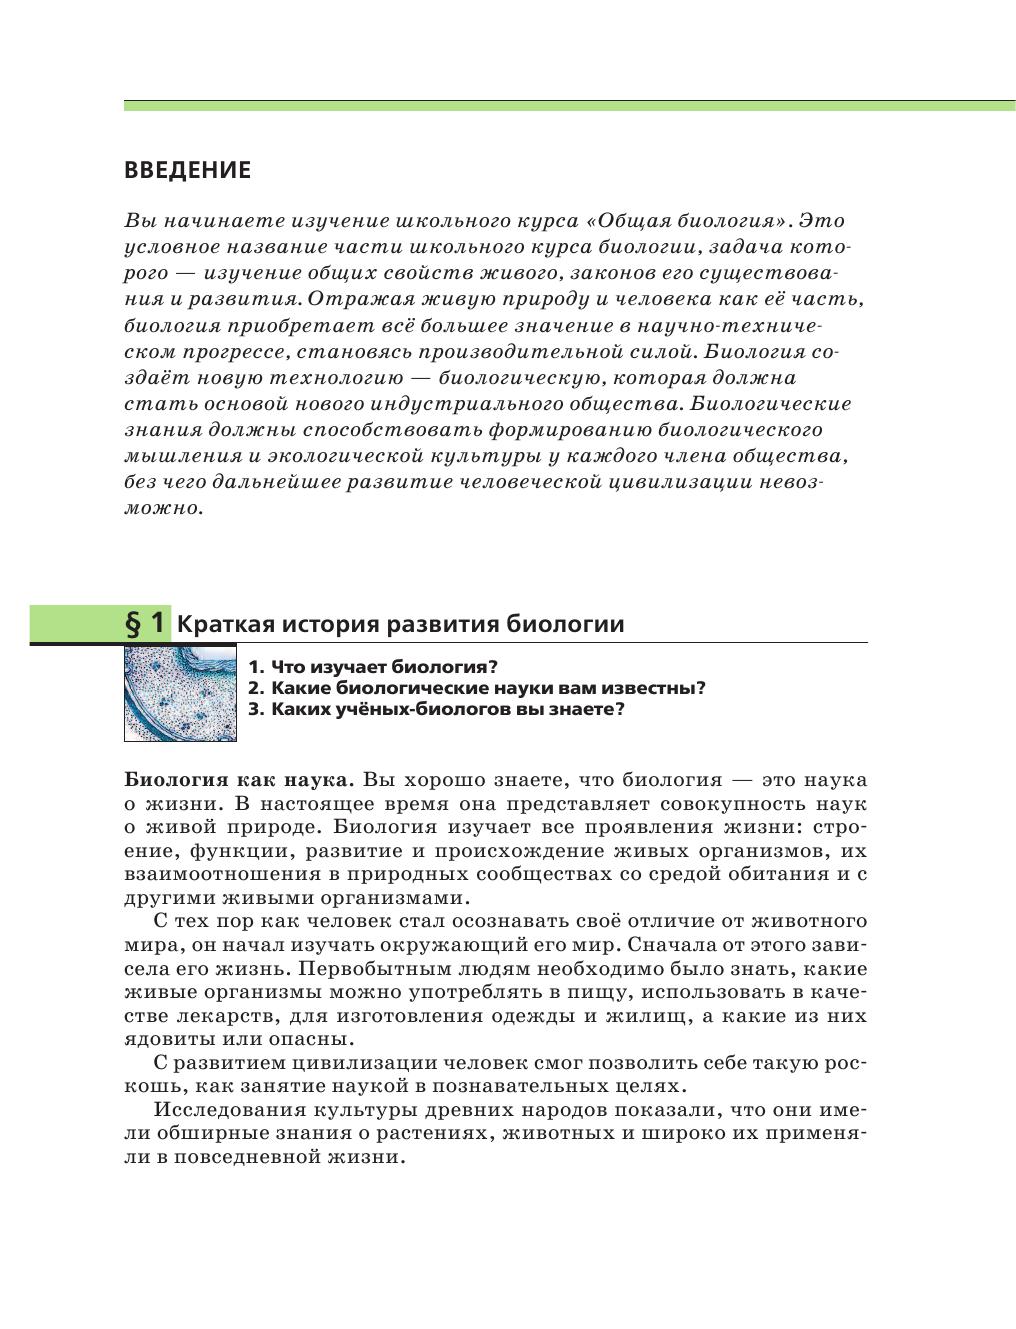 Ответы на вопросы по биологии 20 21 парграфы 10 класс каменский